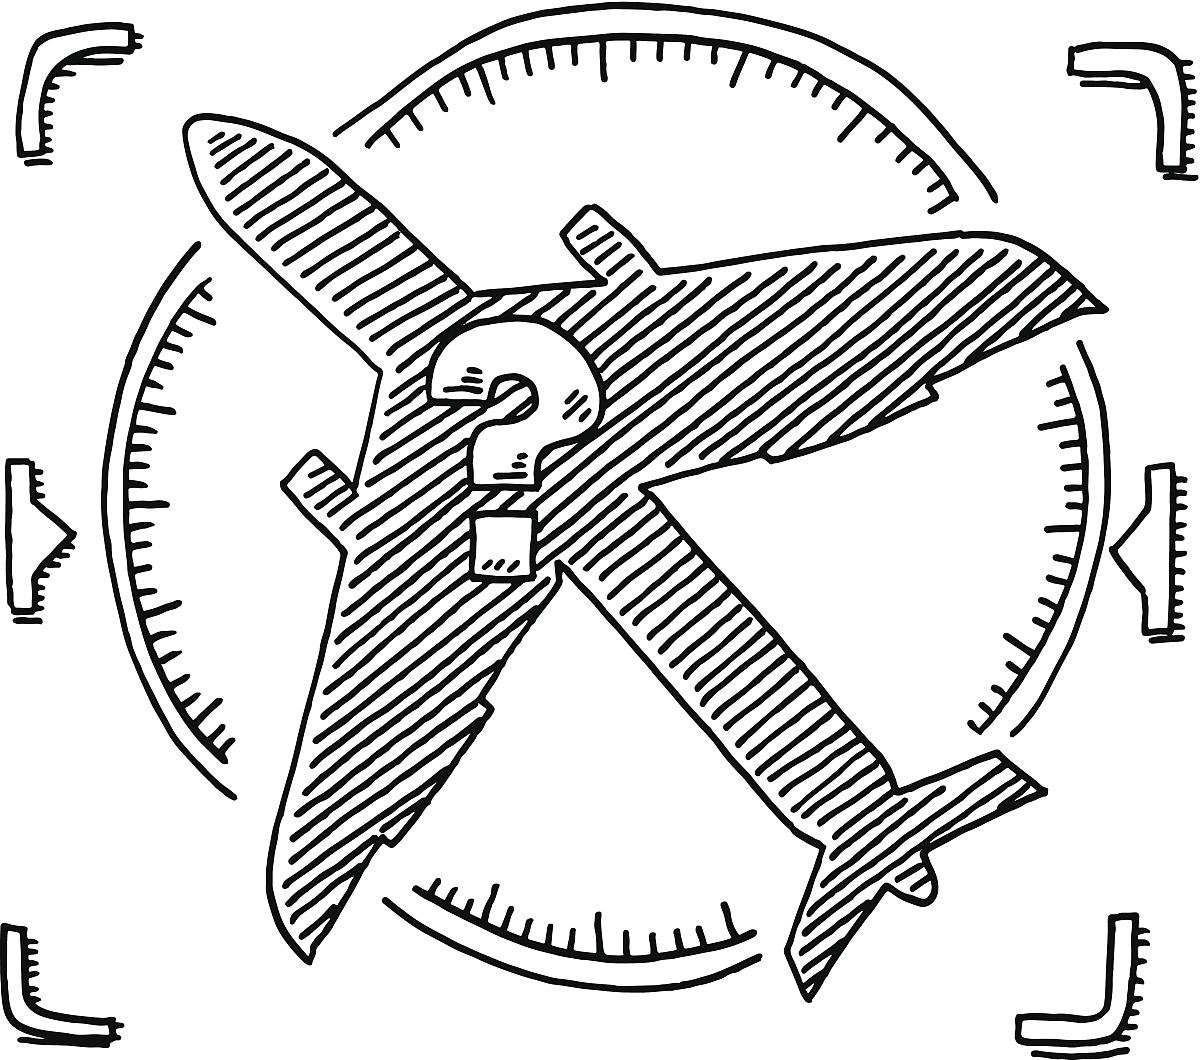 黑白图片,高视角,画画,飞机,飞,黑色,白色,透明,圆形,剪影,不幸,问号图片